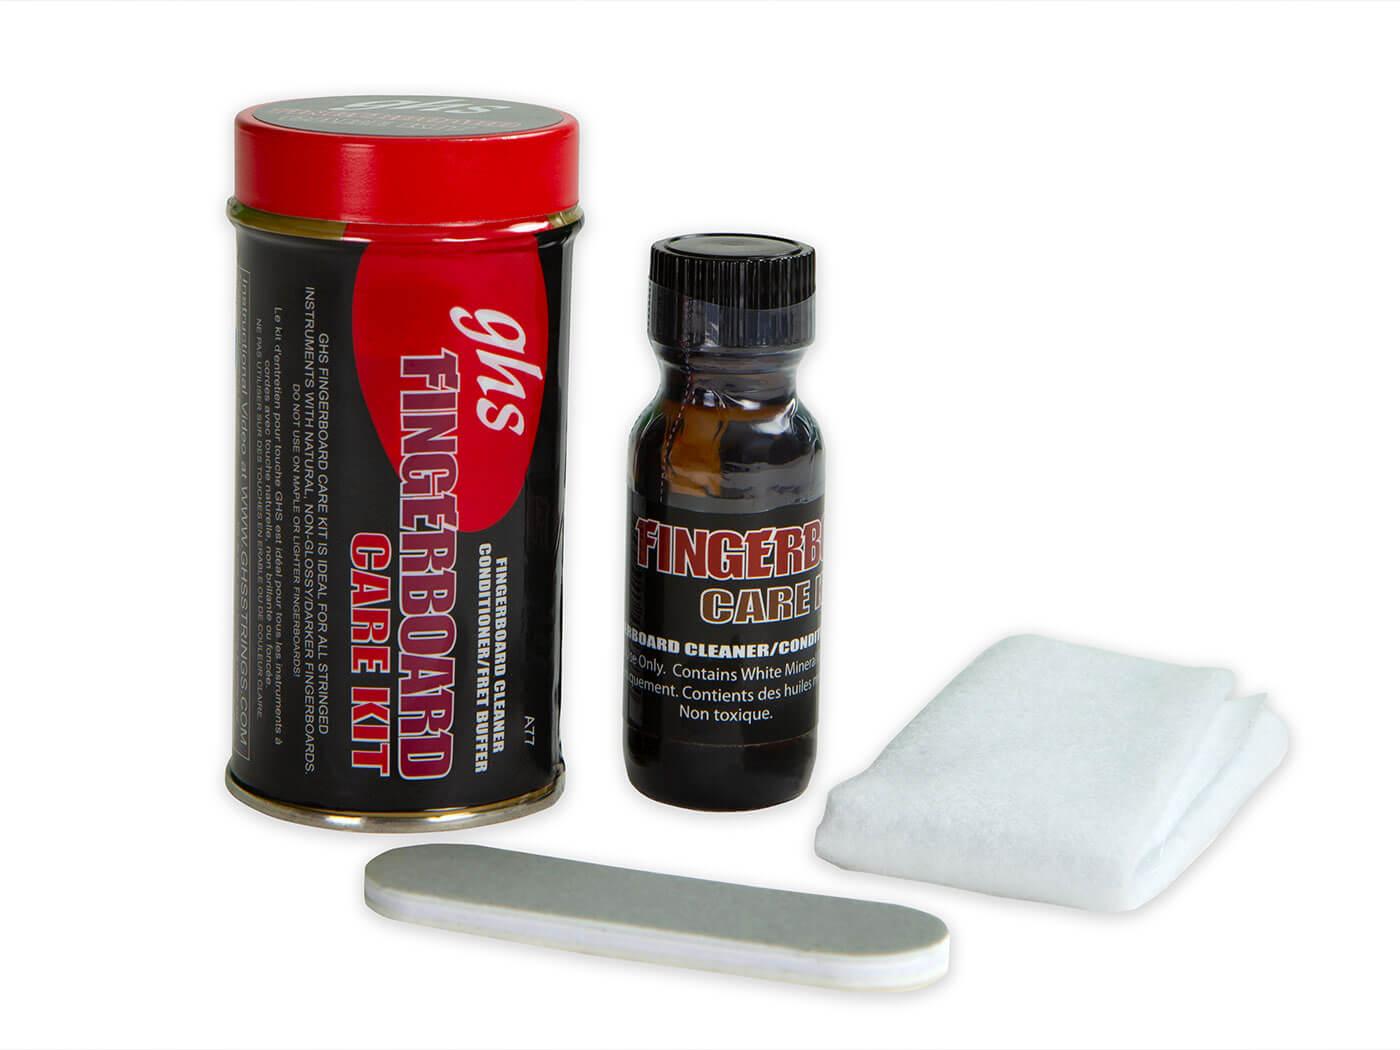 GHS Fingerboard Care Kit